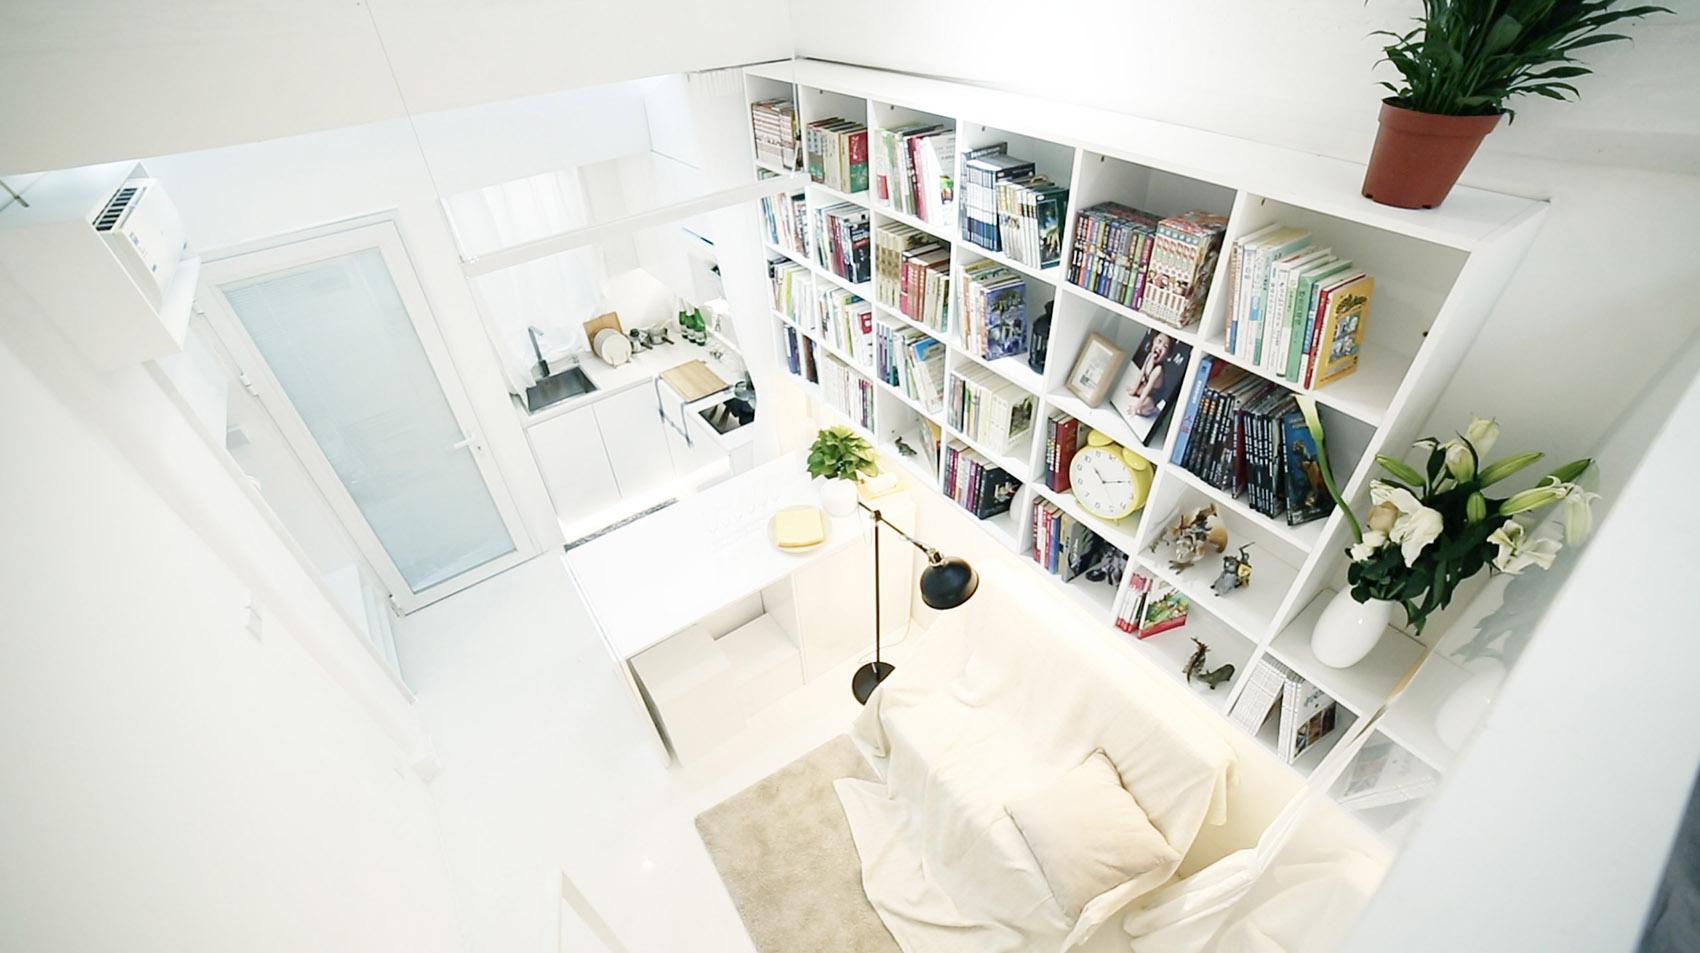 12-12sqm-dwelling-renovation